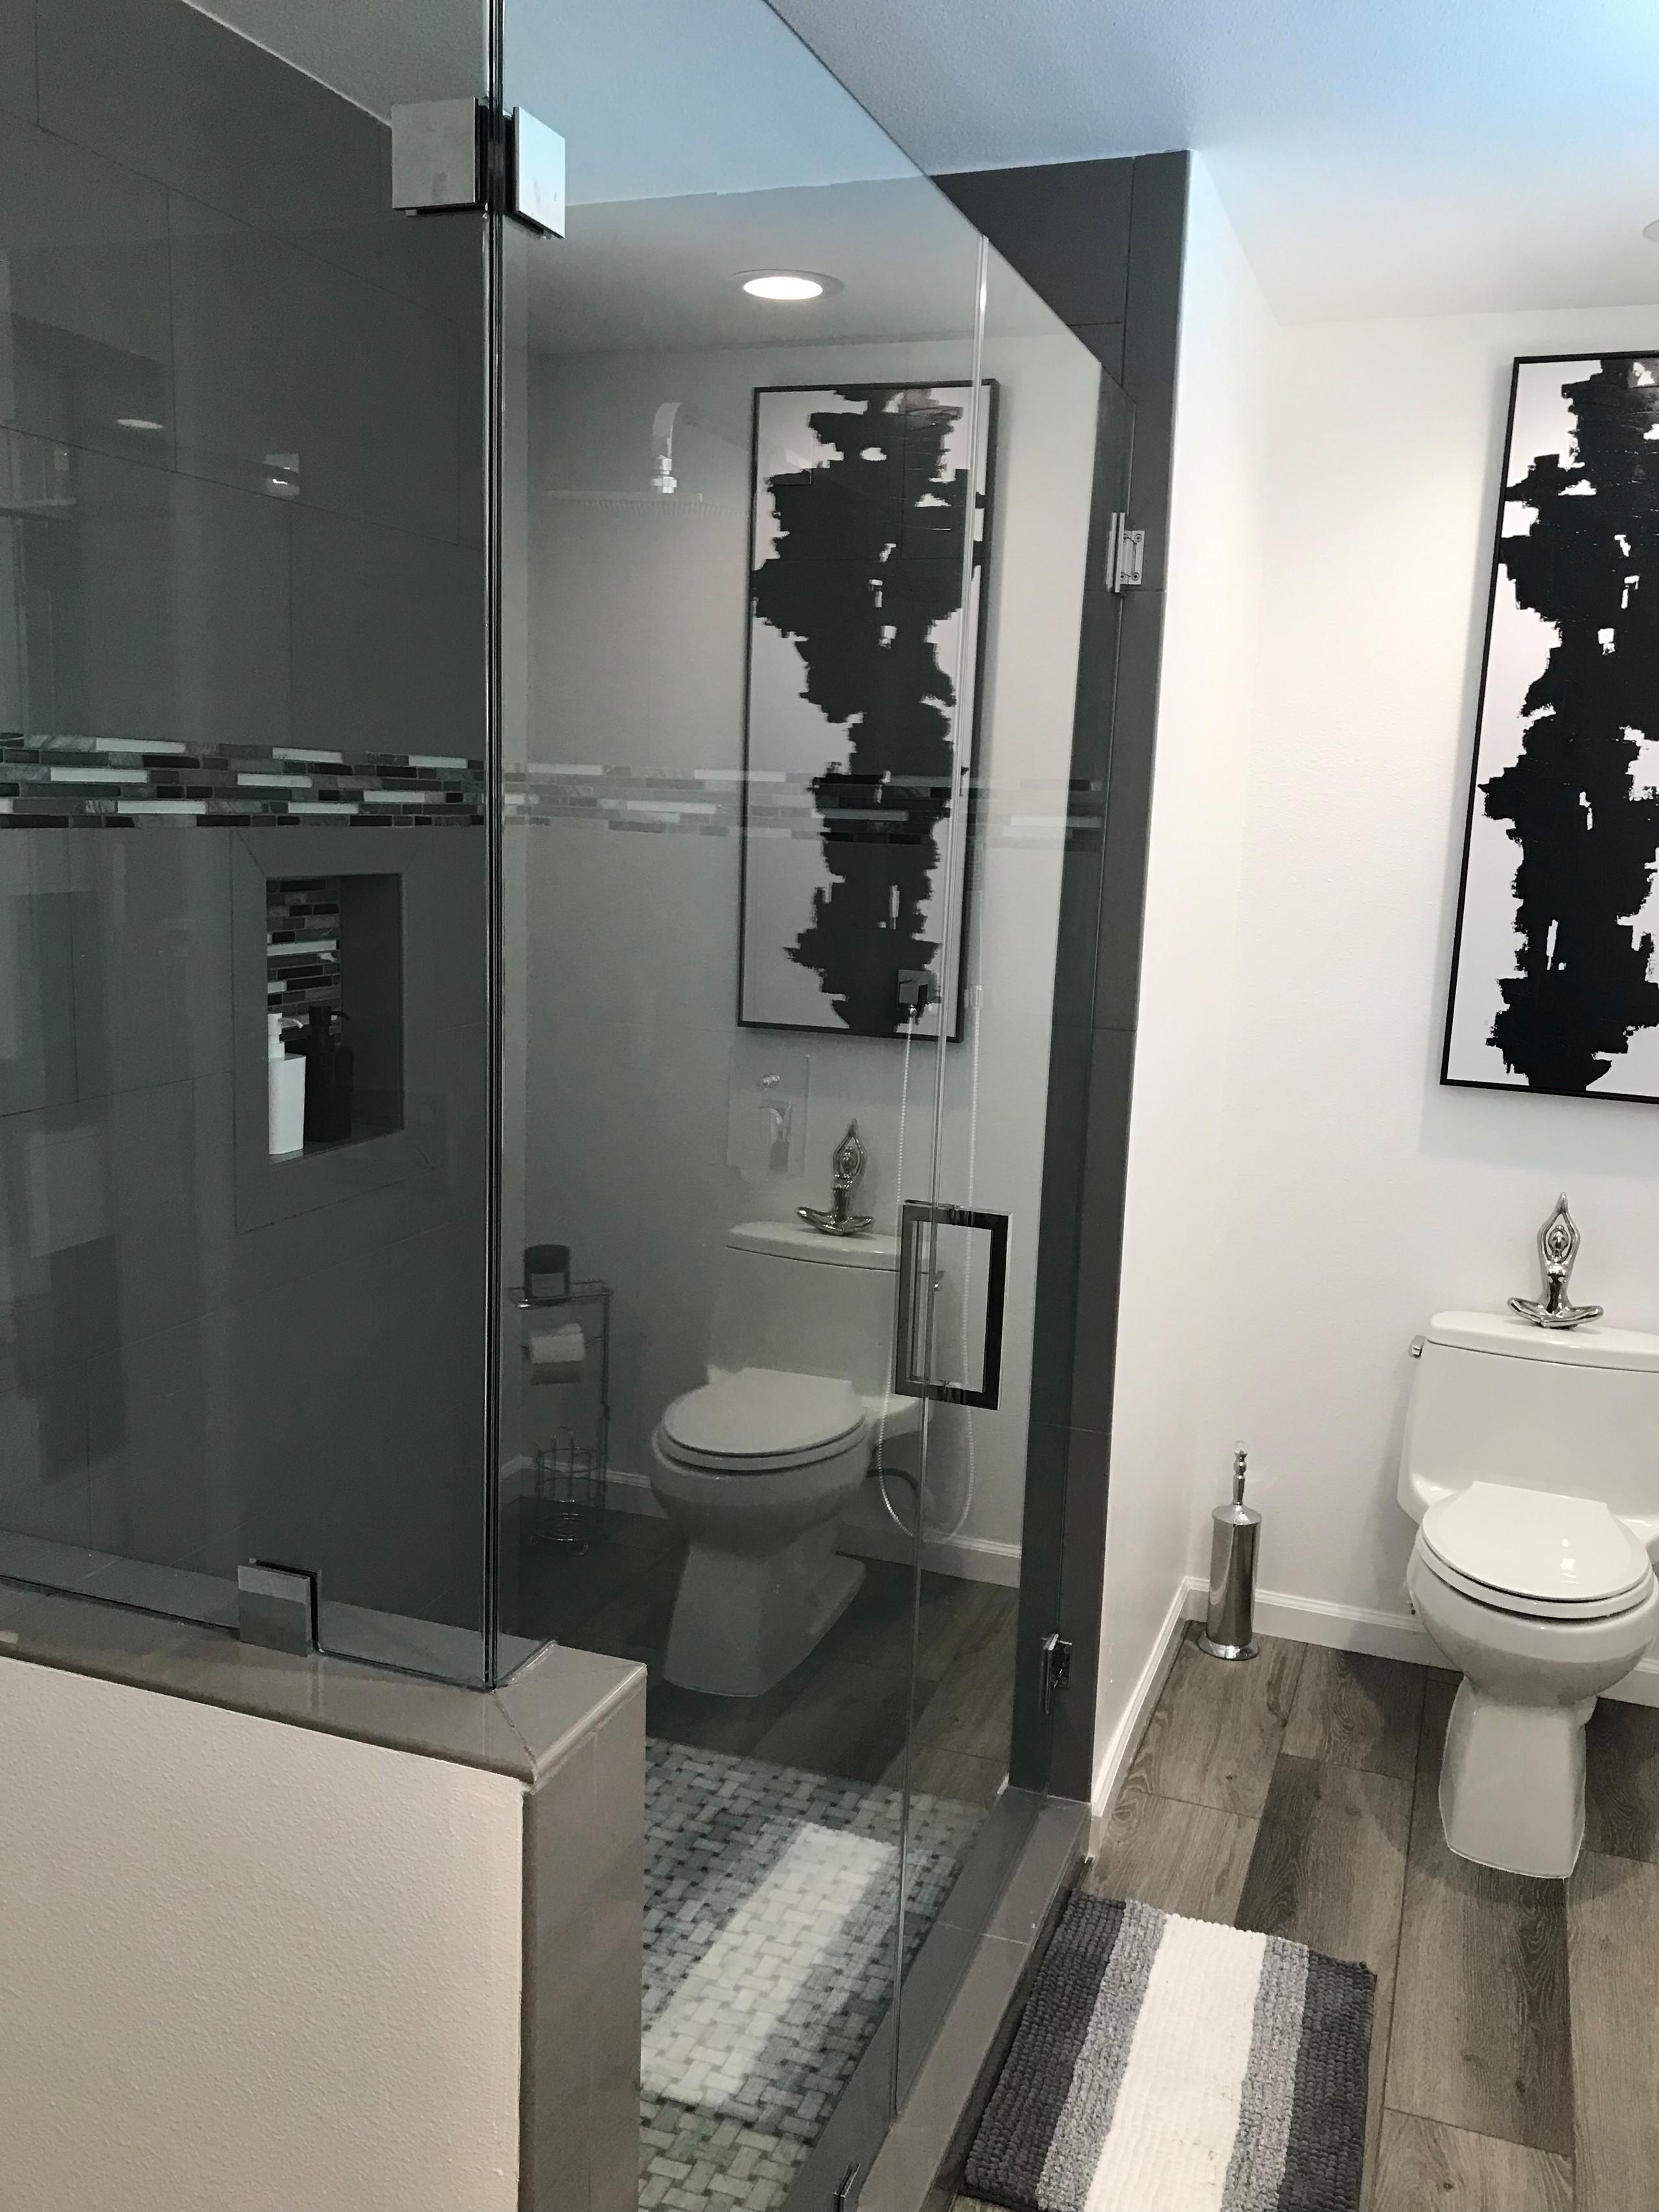 BATHROOM-AFTER2.HEIC